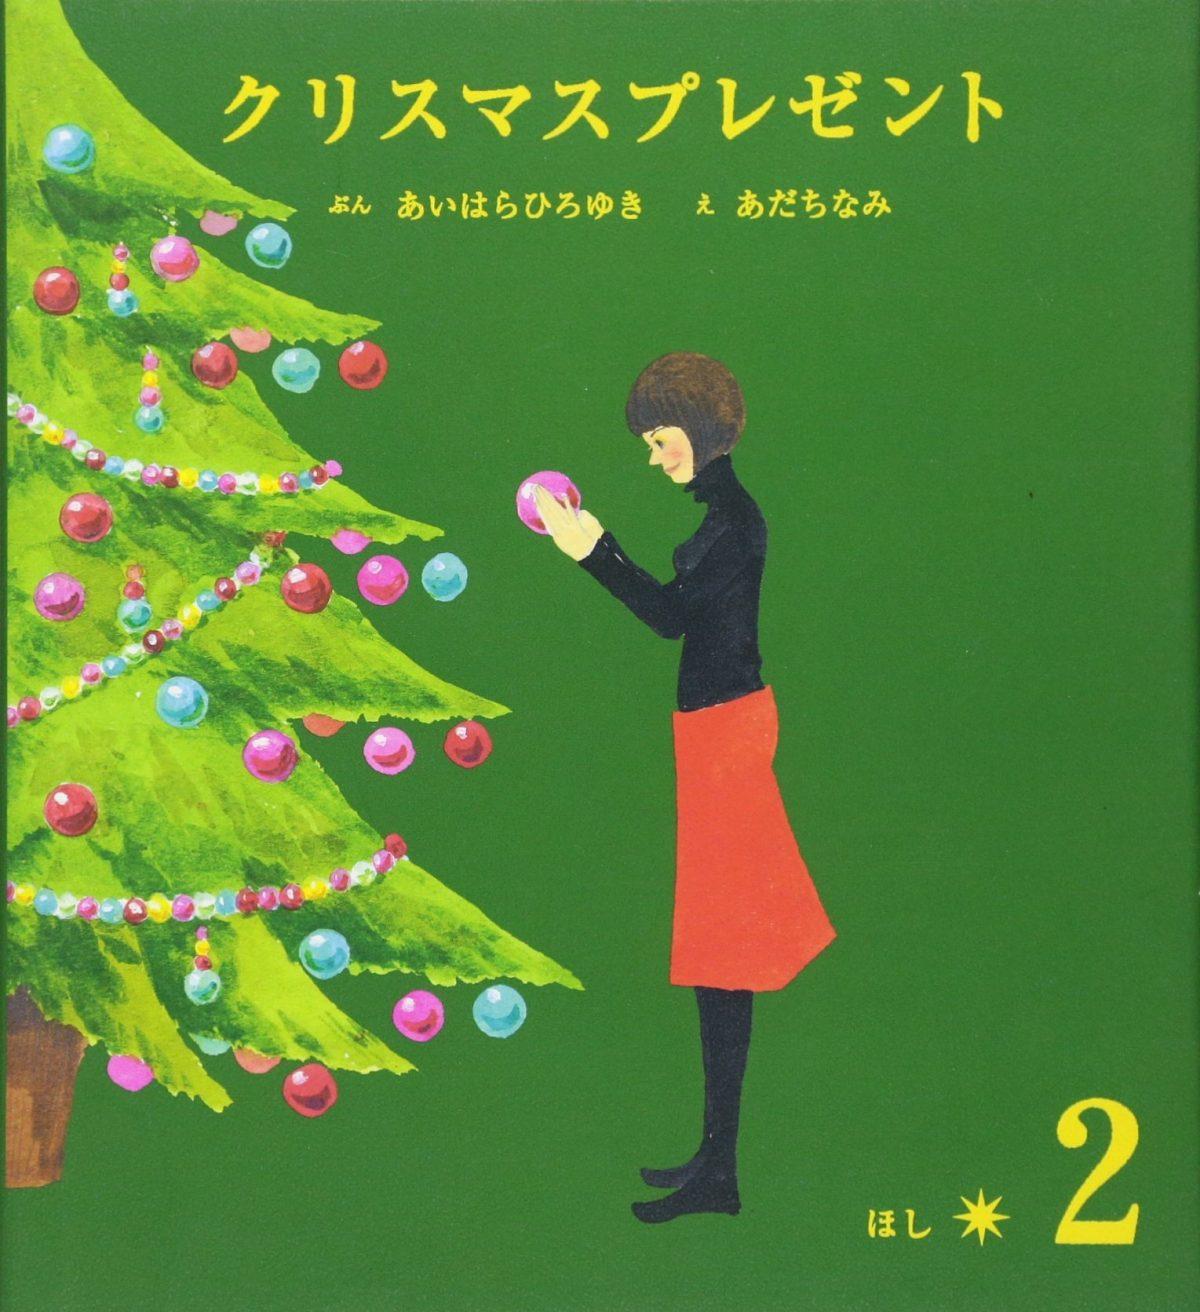 絵本「クリスマスプレゼント 2 ほし」の表紙